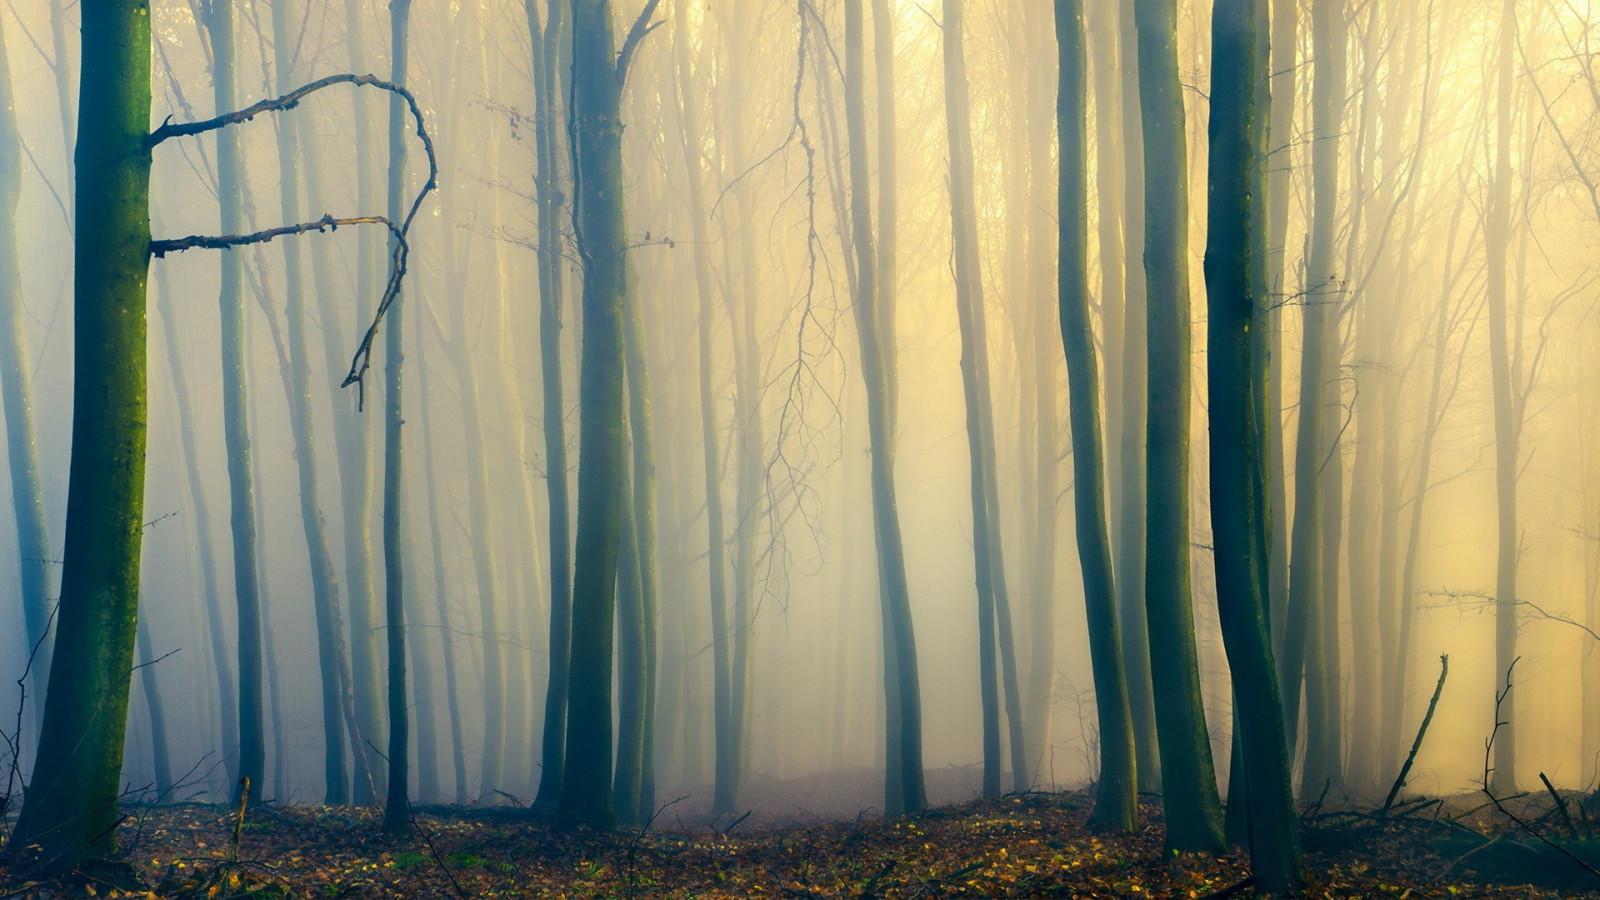 большом, туманный лес рисунок сих пор